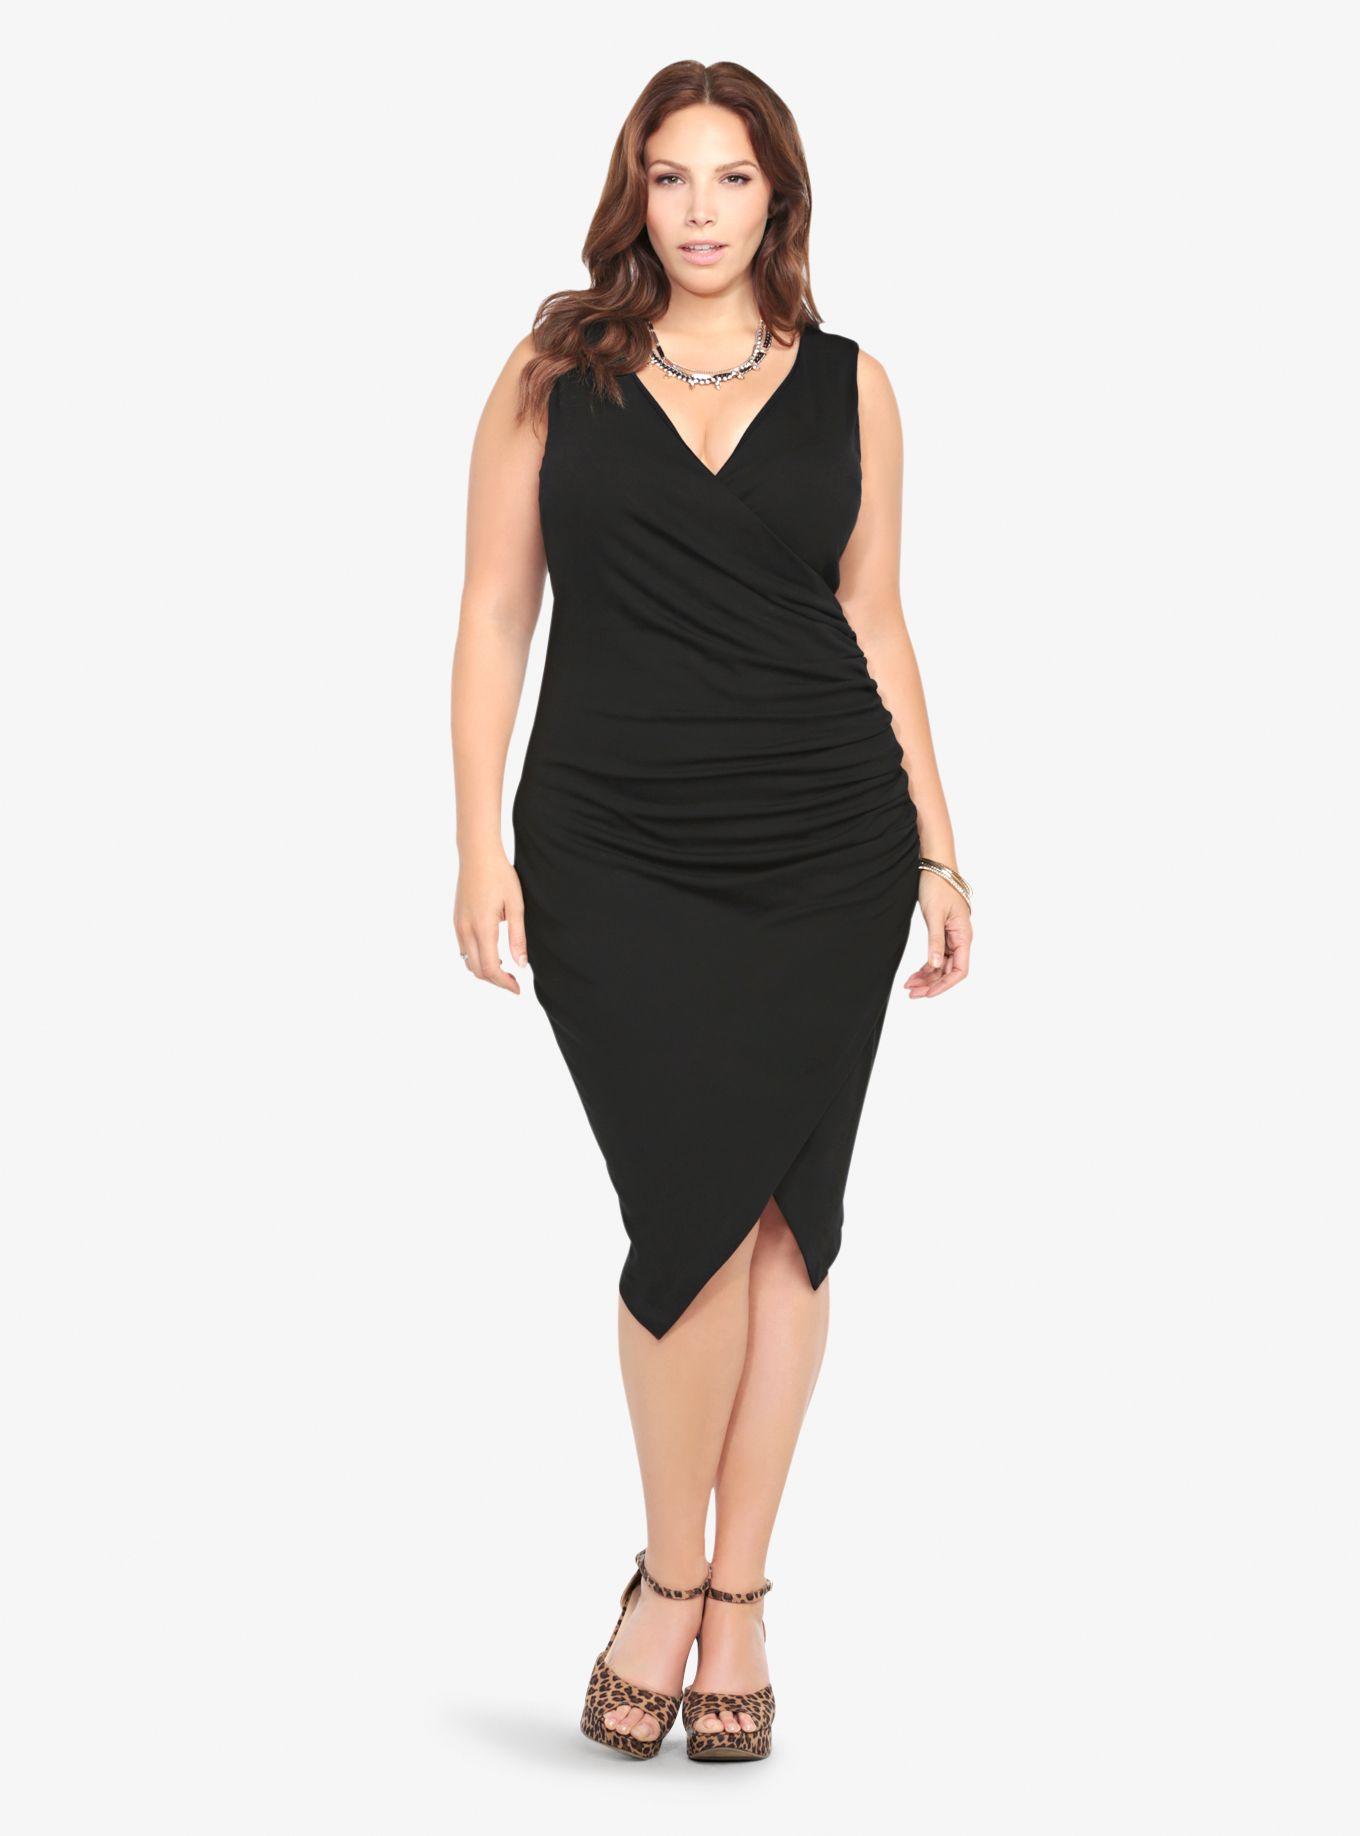 Dress size 24 torrid dress 24 torrid black and white draped v neck - Envelope Bodycon Dress Torrid